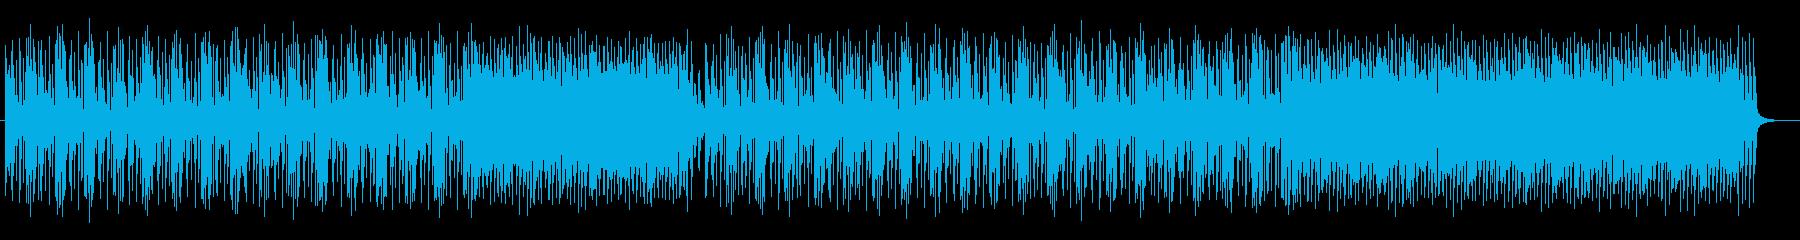 ユニークで軽快なテクノの再生済みの波形